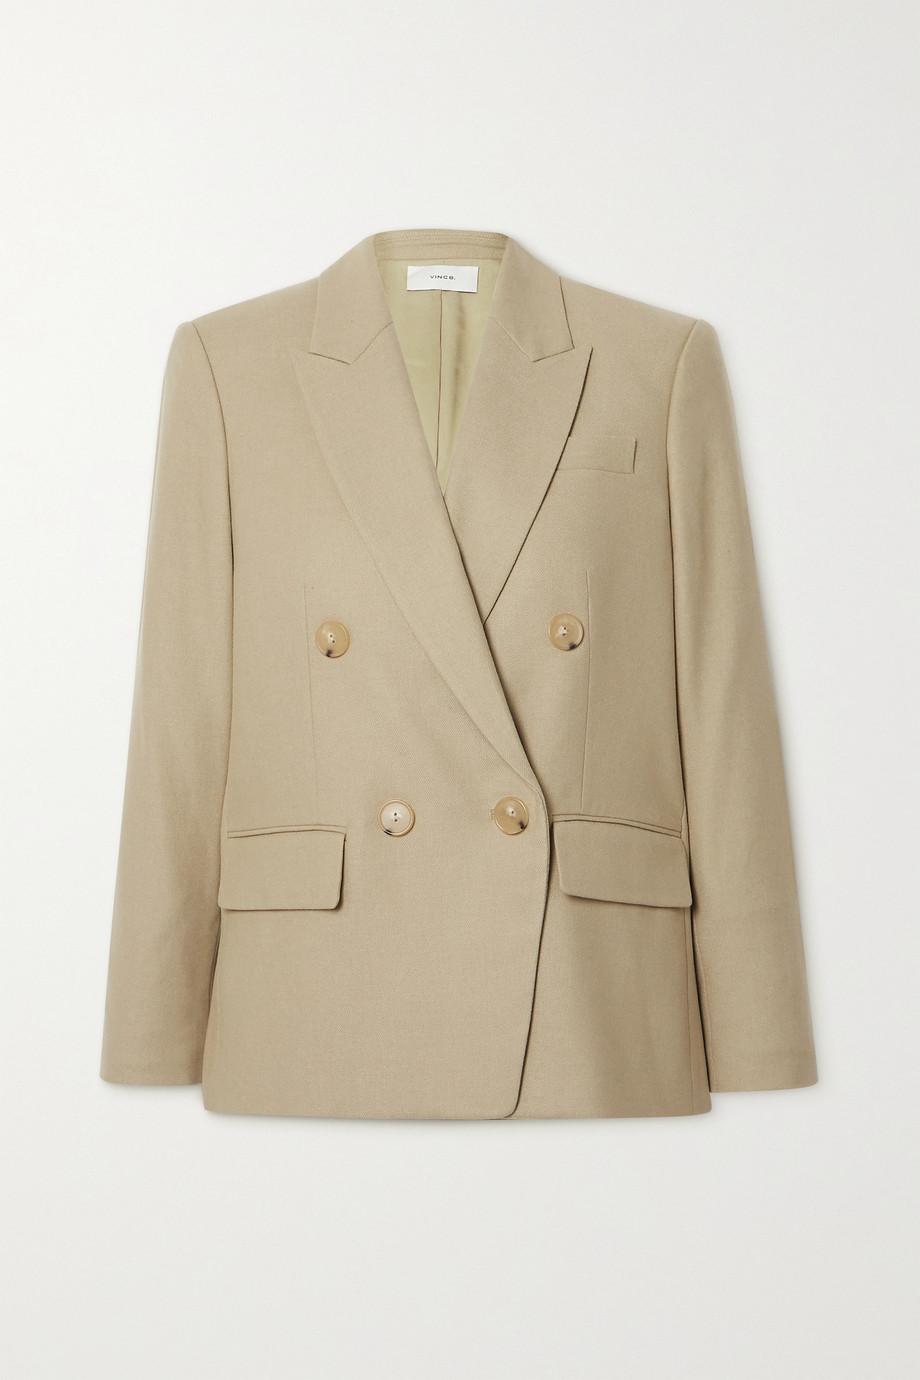 Vince 双排扣法兰绒西装外套